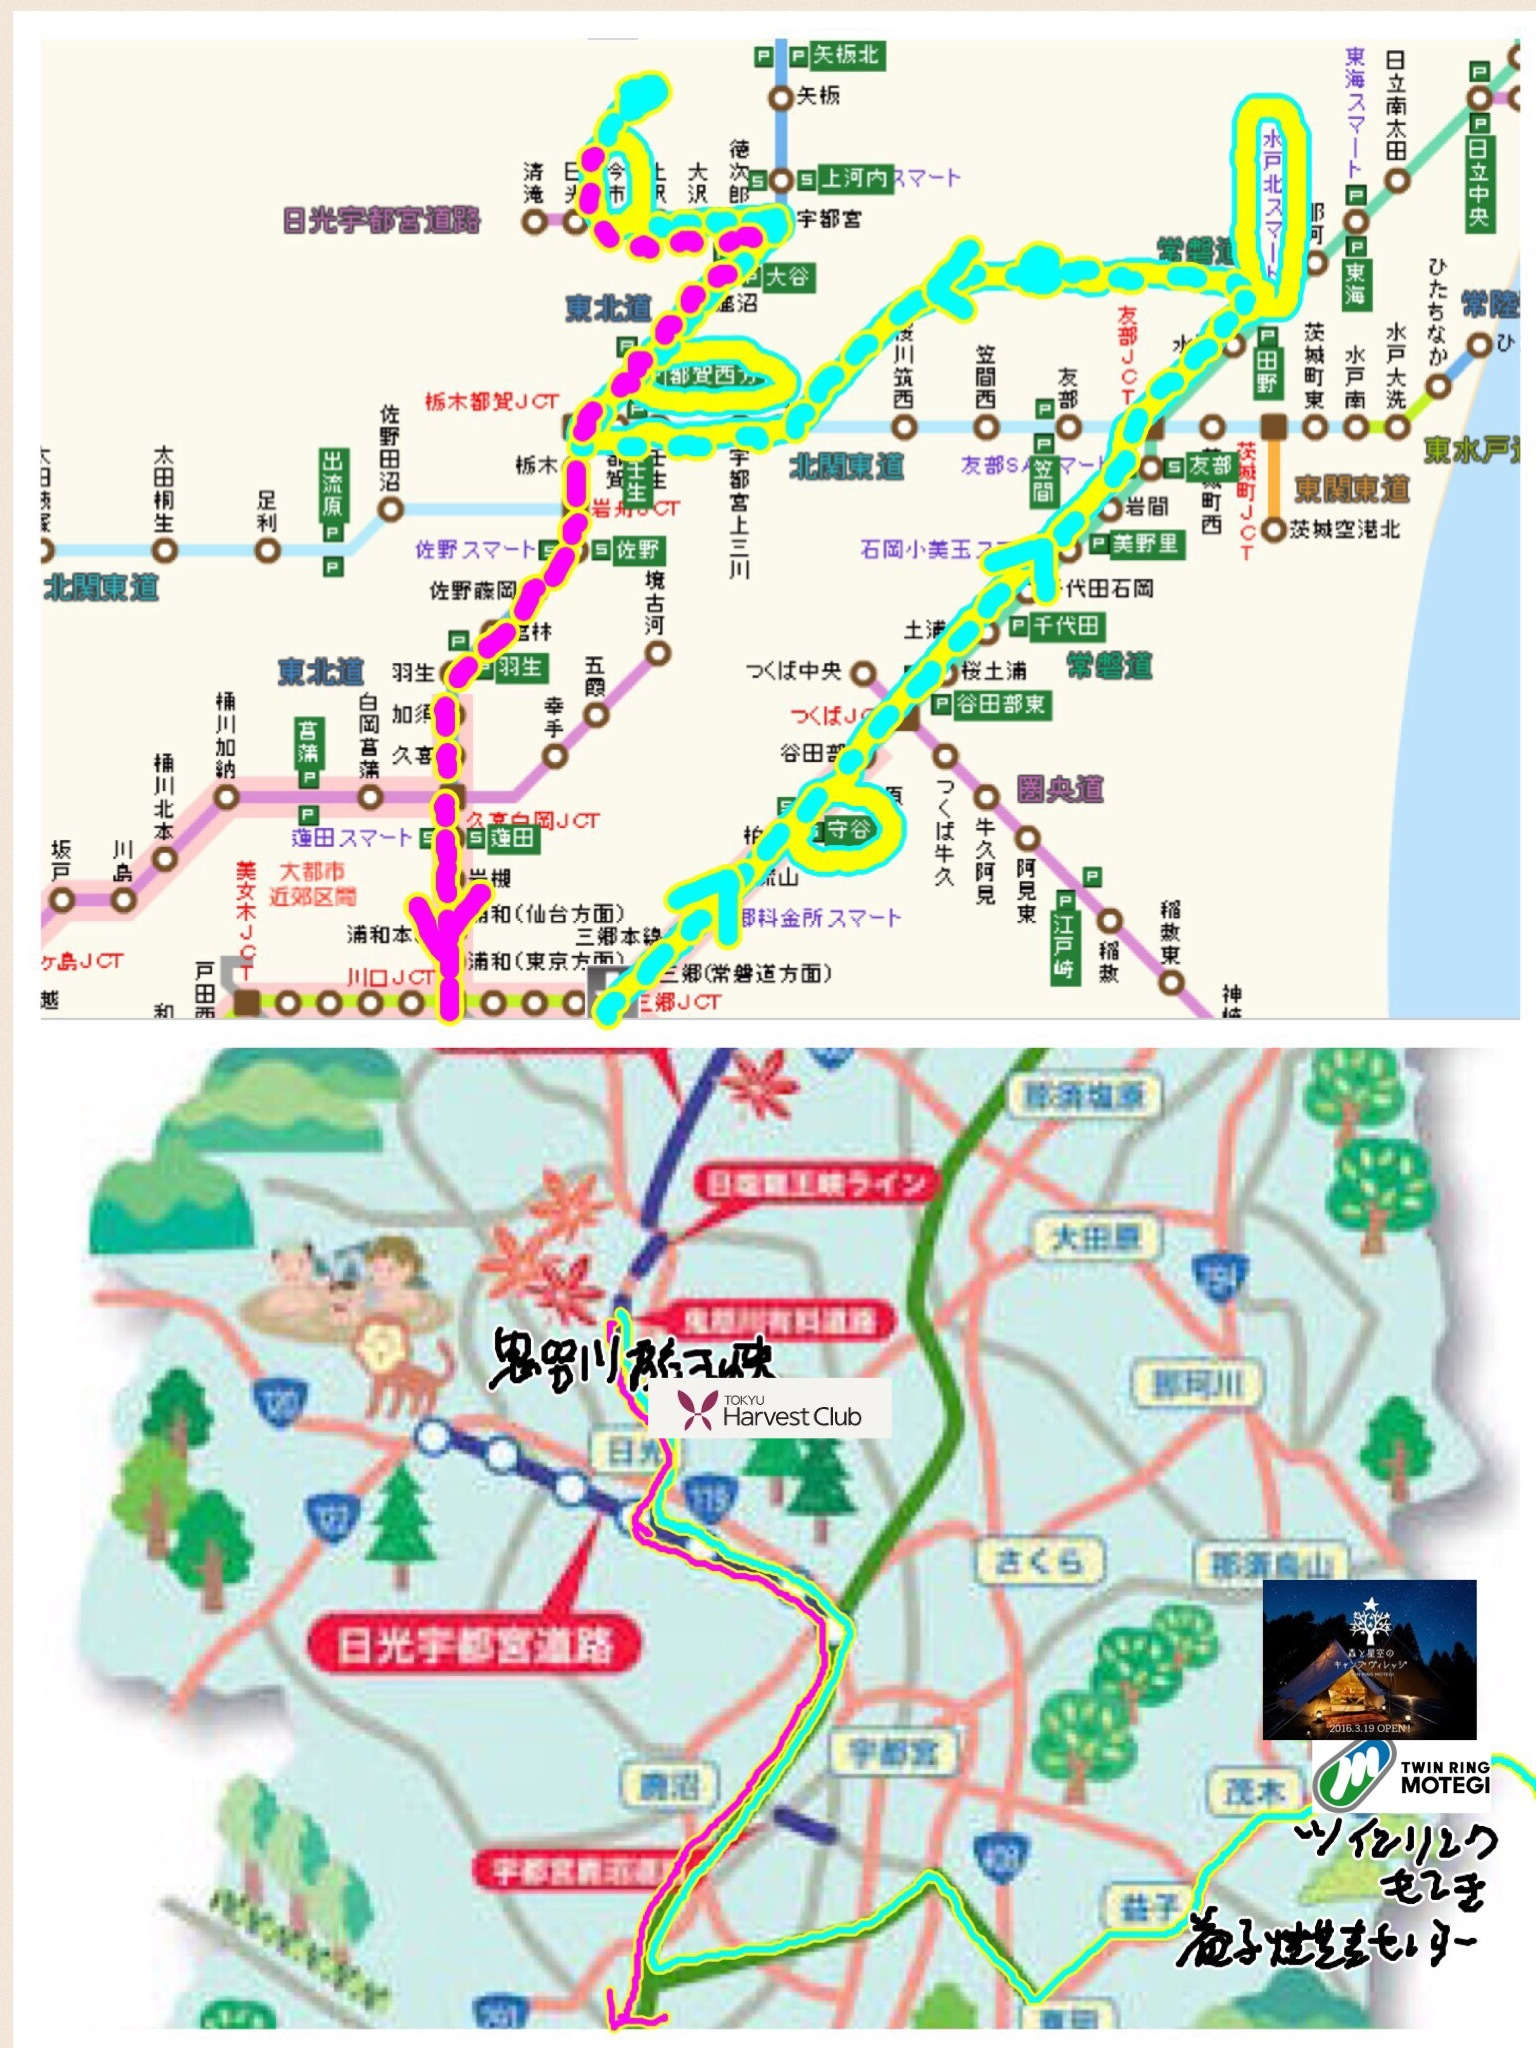 栃木ドライブ旅行 ツインリンクもてぎから鬼怒川